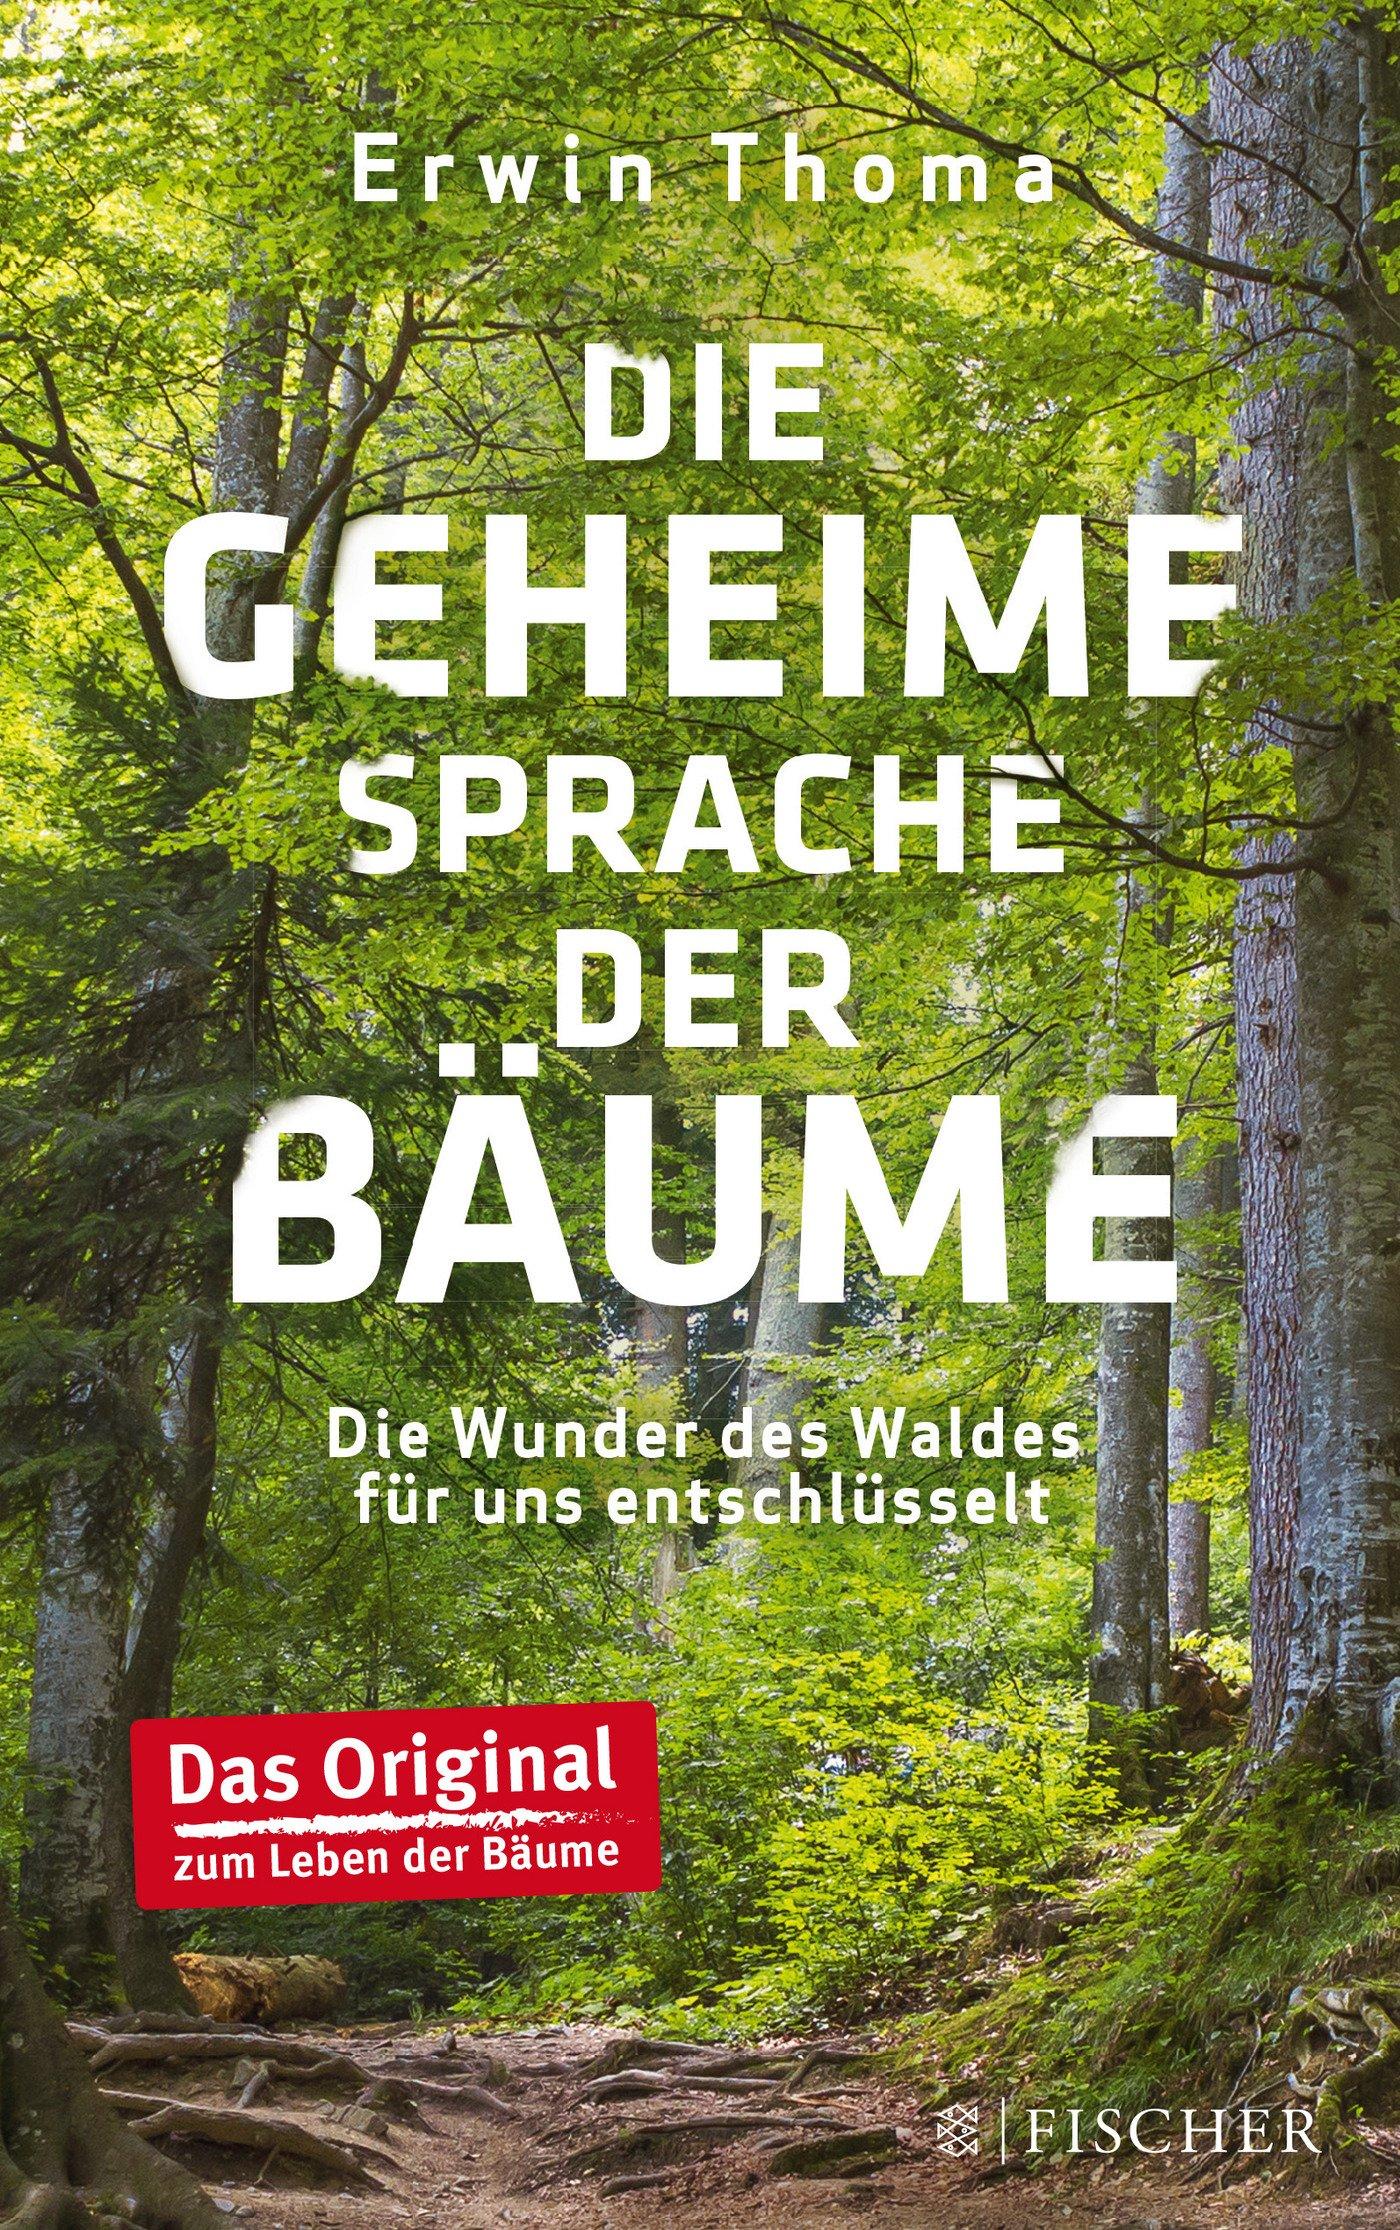 Die geheime Sprache der Bäume: Die Wunder des Waldes für uns entschlüsselt